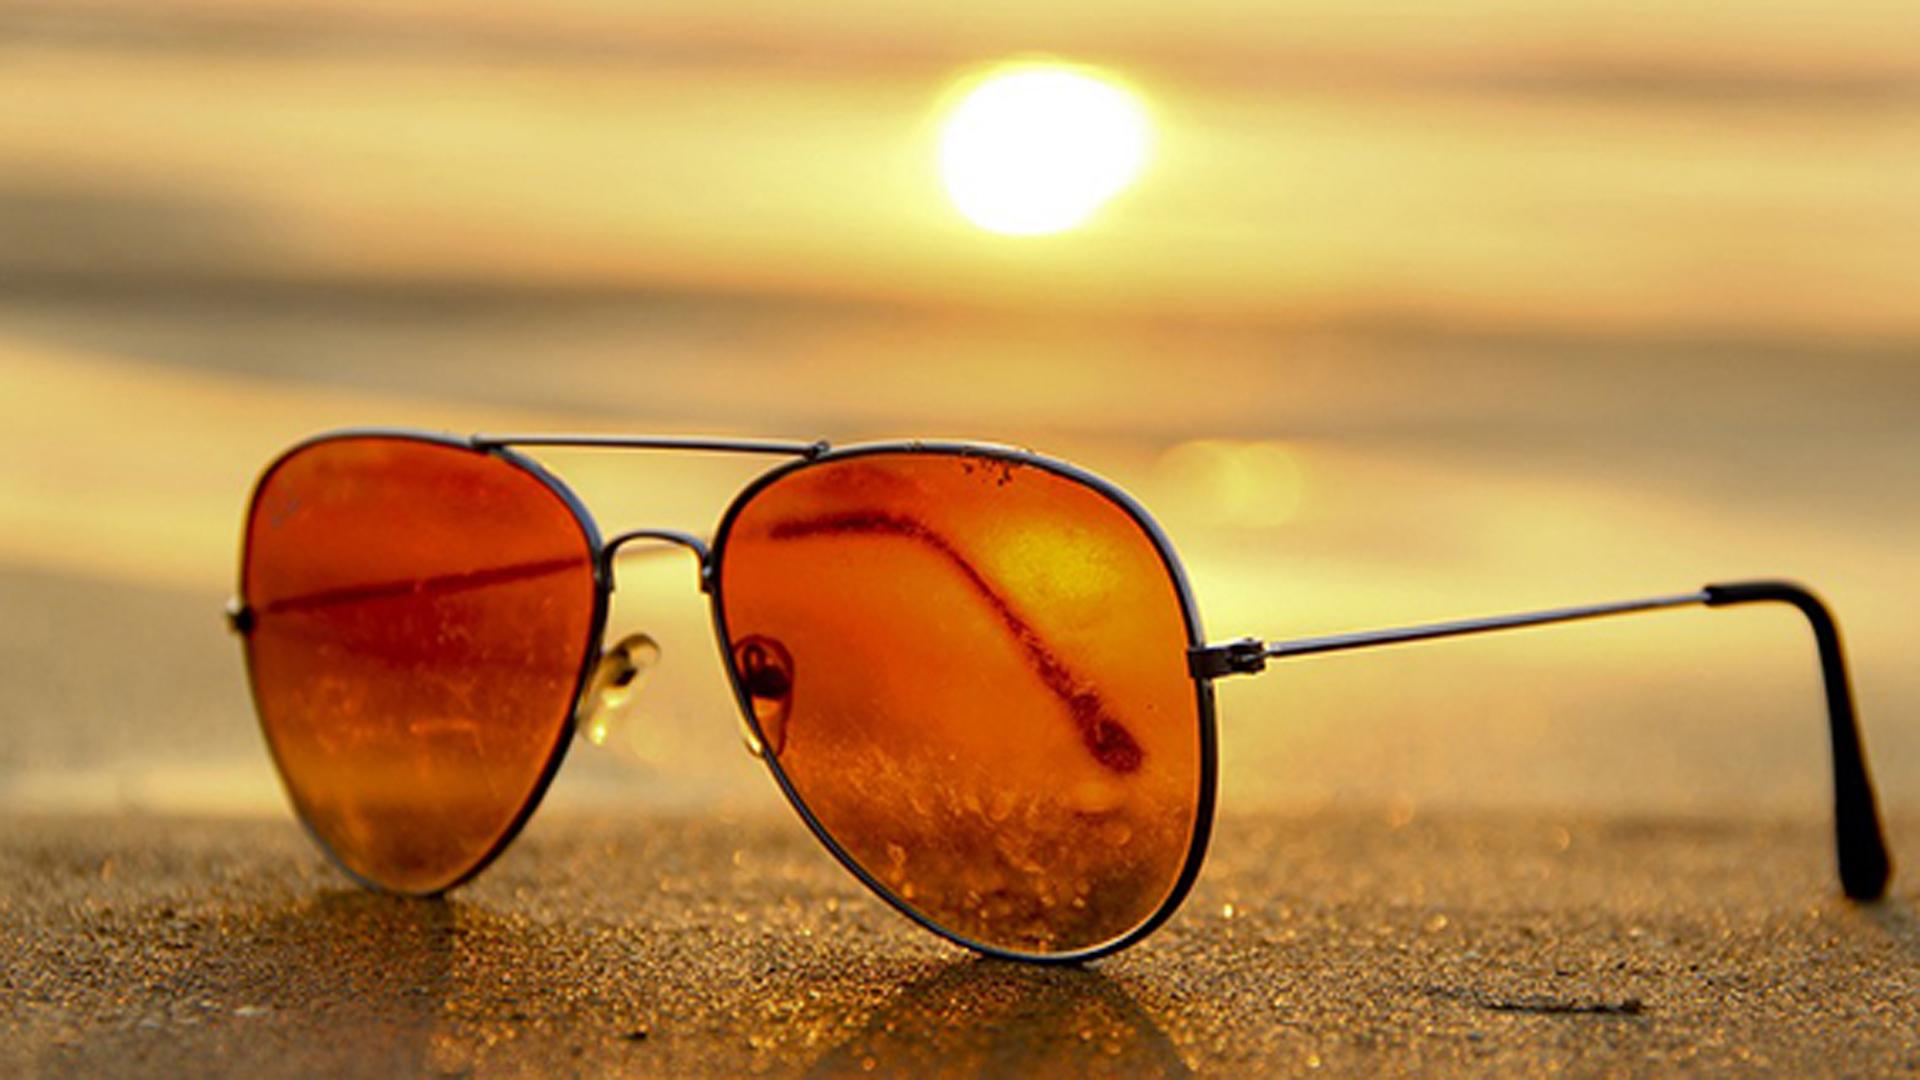 Mirar al sol puede generar un daño irreversible